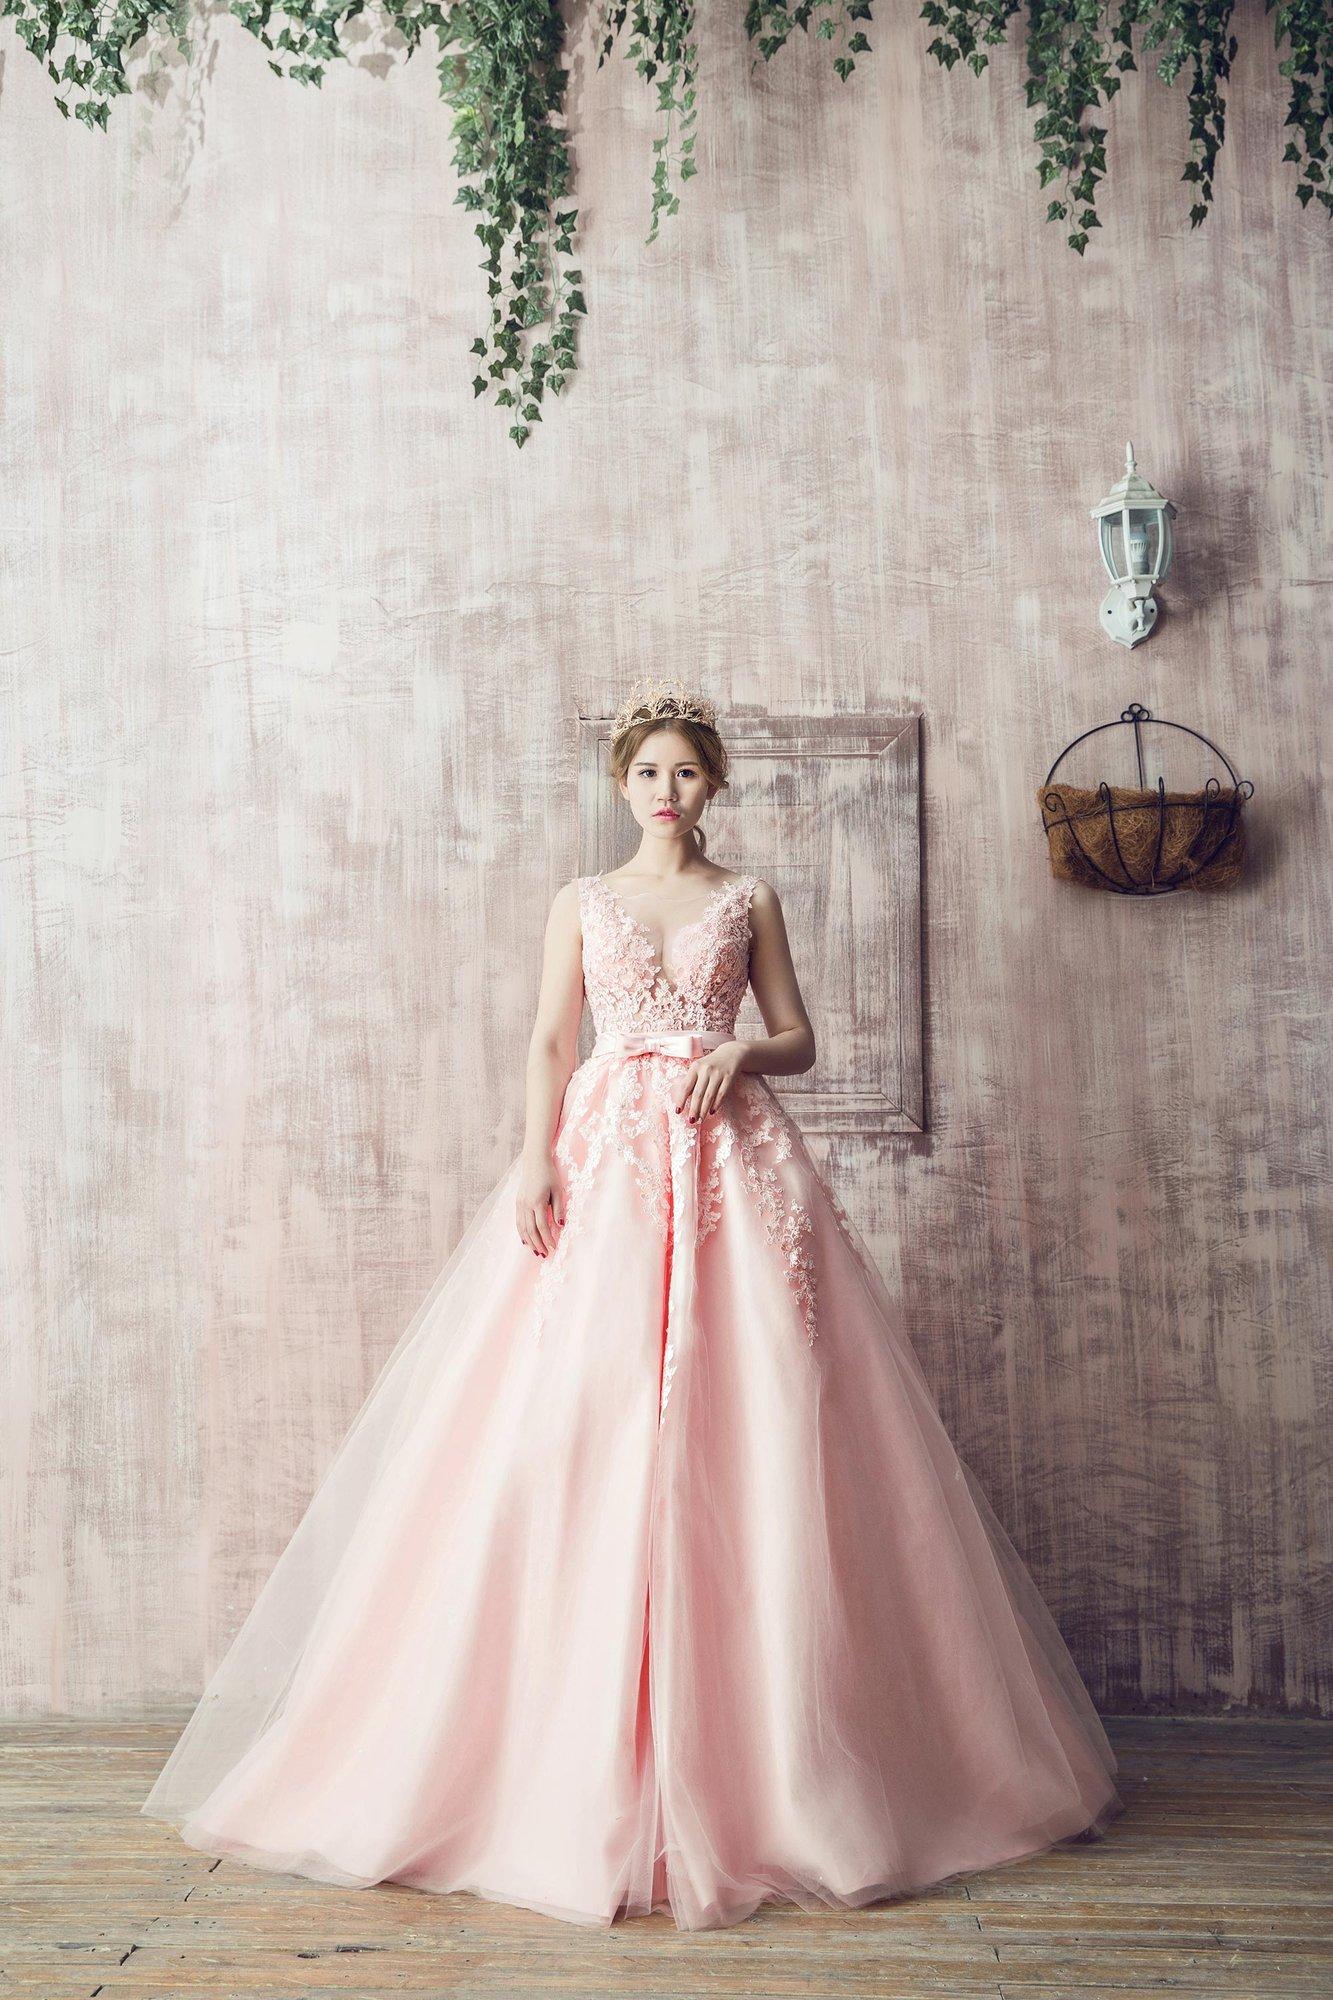 婚纱拍多少钱_拍一套婚纱照要多少钱?